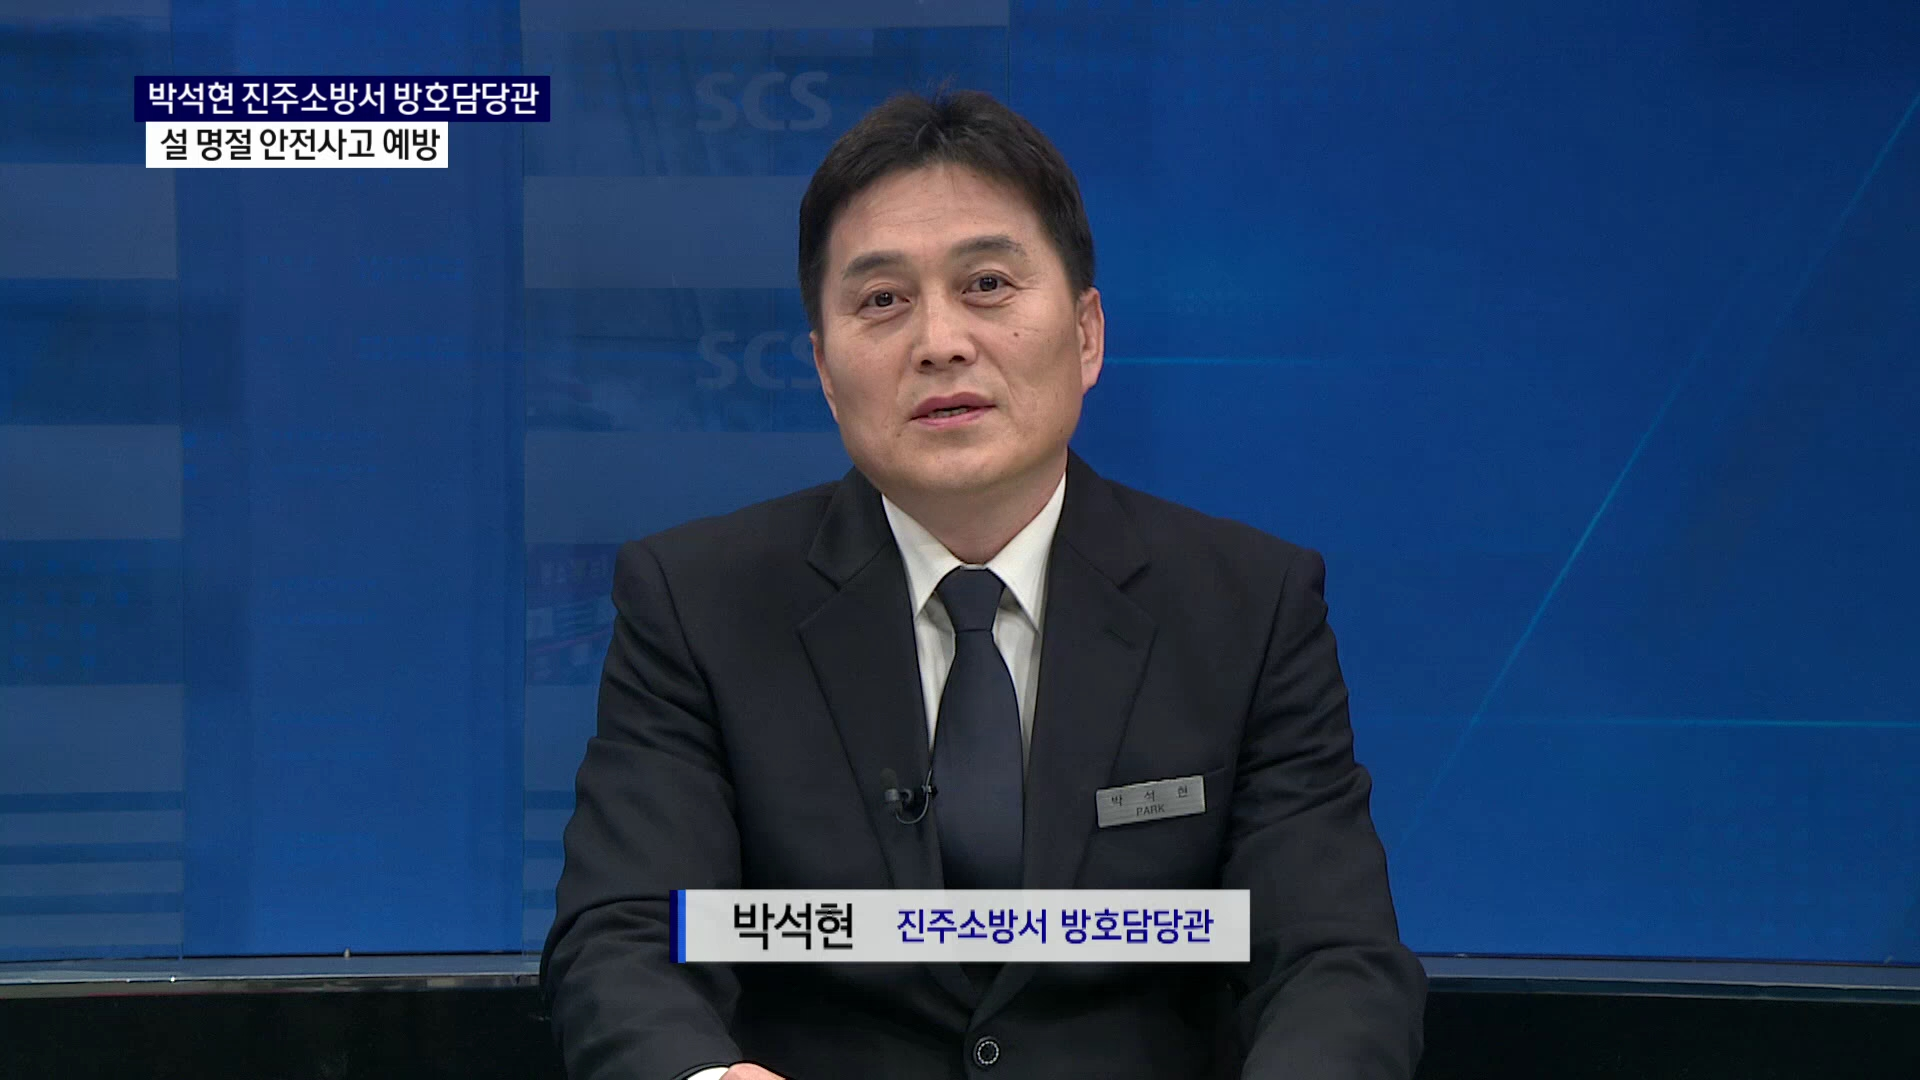 (스튜디오R) 박석현 진주소방서 방호담당관 사진